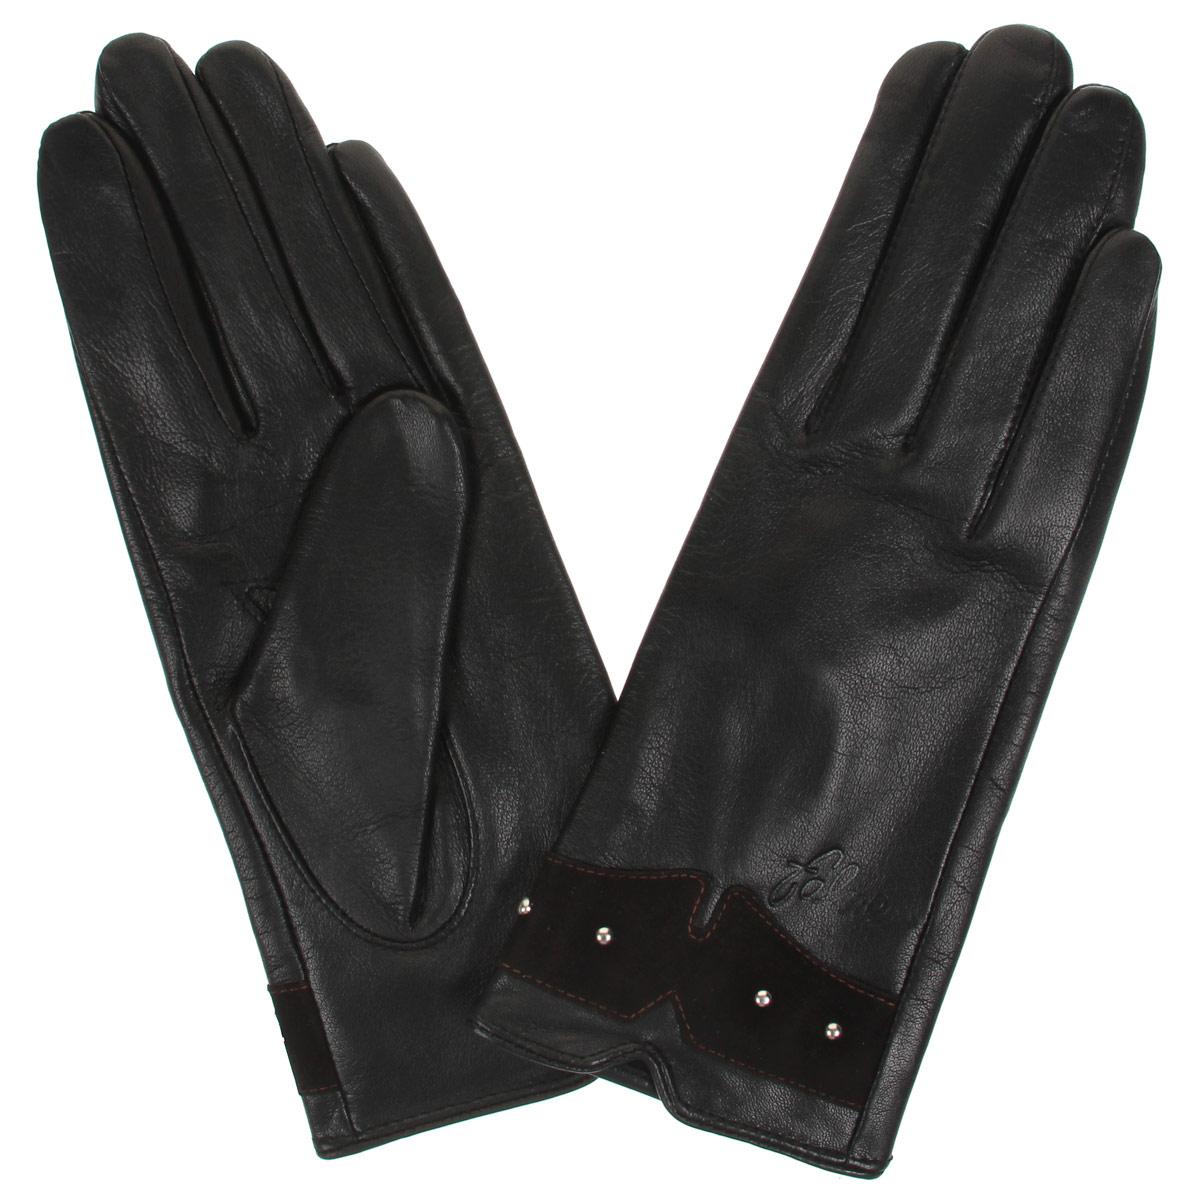 Перчатки женские. L-19L-19Стильные женские перчатки Falner заинтригуют любого мужчину и заставят завидовать любую женщину. Они не только защитят ваши руки от холода, но и станут великолепным украшением. Модель изготовлена из мягкой натуральной кожи с флисовой подкладкой. На лицевой стороне изделие оформлено замшевой вставкой с декоративными металлическими клепками и тиснением в виде названия бренда. На тыльной стороне имеется небольшой разрез. Перчатки являются неотъемлемой принадлежностью одежды, вместе с этим аксессуаром вы обретаете женственность и элегантность. Они станут завершающим и подчеркивающим элементом вашего неповторимого стиля и индивидуальности.